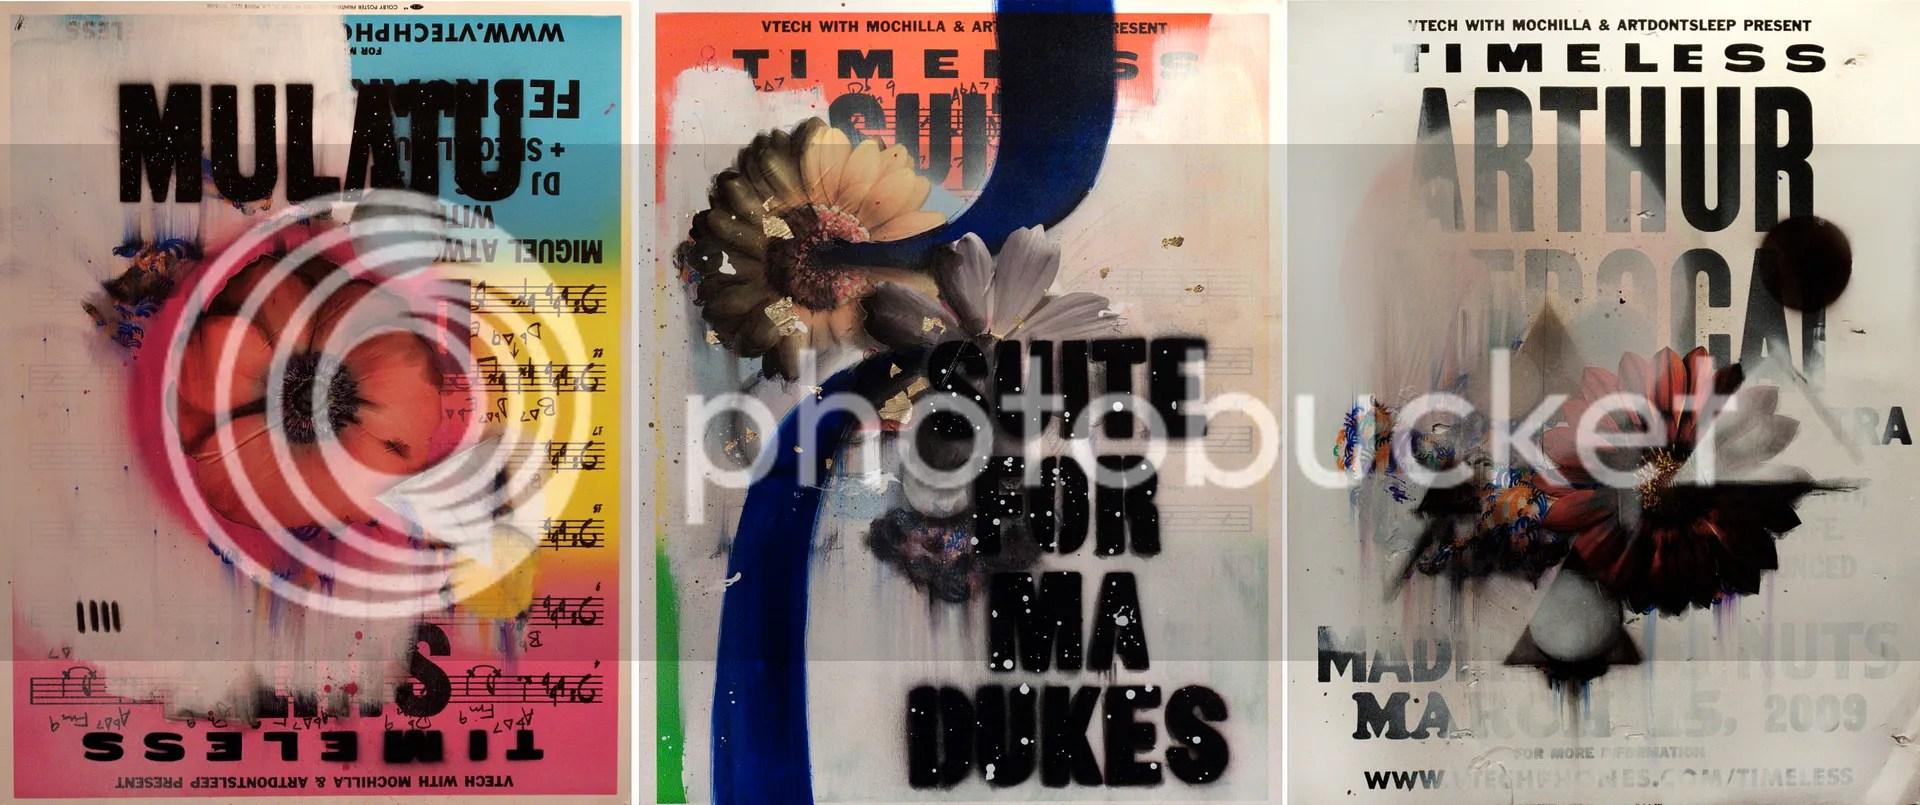 Teebs_3_posters.jpg